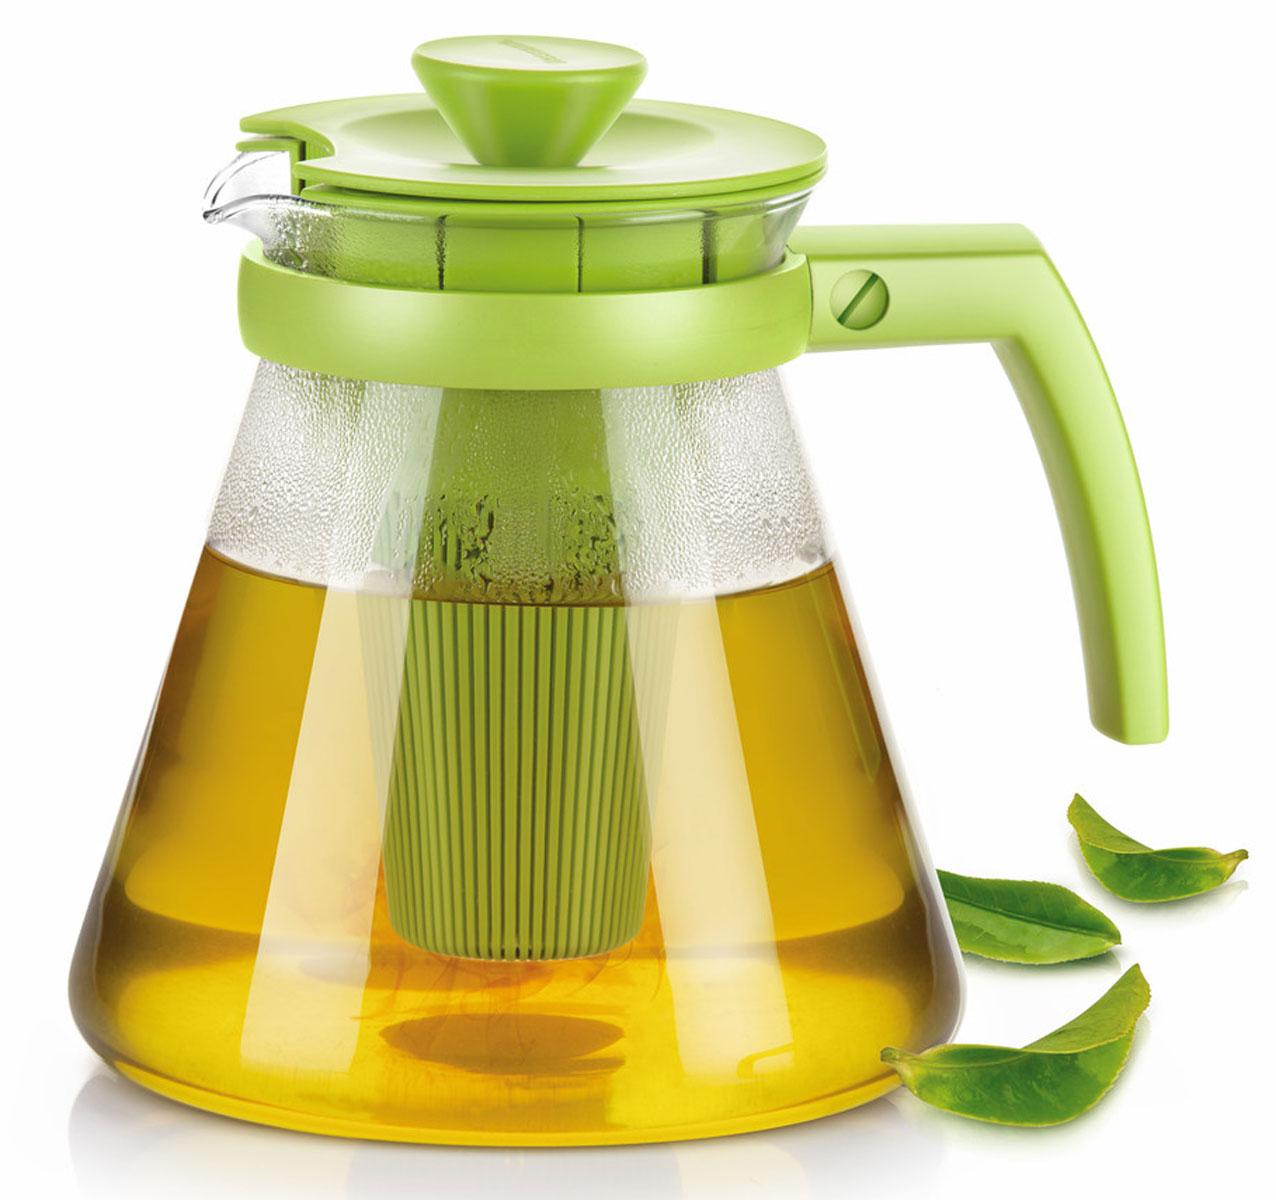 Чайник заварочный Tescoma Teo Tone, с ситечком, цвет: салатовый, прозрачный, 1,7 лVT-1520(SR)Чайник заварочный Tescoma Teo Tone предназначен для подготовки и сервировки всех видов чая и чайных напитков. Чайник снабжен глубоким ситечком для заваривания свежей мяты, мелиссы, имбиря, сушеного шиповника, фруктов, а также очень густым ситечком для заваривания всех видов рассыпного чая. Корпус чайника изготовлен из термостойкого боросиликатного стекла, поэтому его можно ставить на плиту. Ручка, крышка и ситечко изготовлены из прочного пластика. Чайник подходит для газовых, электрических и стеклокерамических плит, микроволновой печи. Не рекомендуется мыть в посудомоечной машине. Инструкция по использованию внутри упаковки. Диаметр (по верхнему краю): 10 см. Диаметр основания: 16 см. Высота: 18 см.